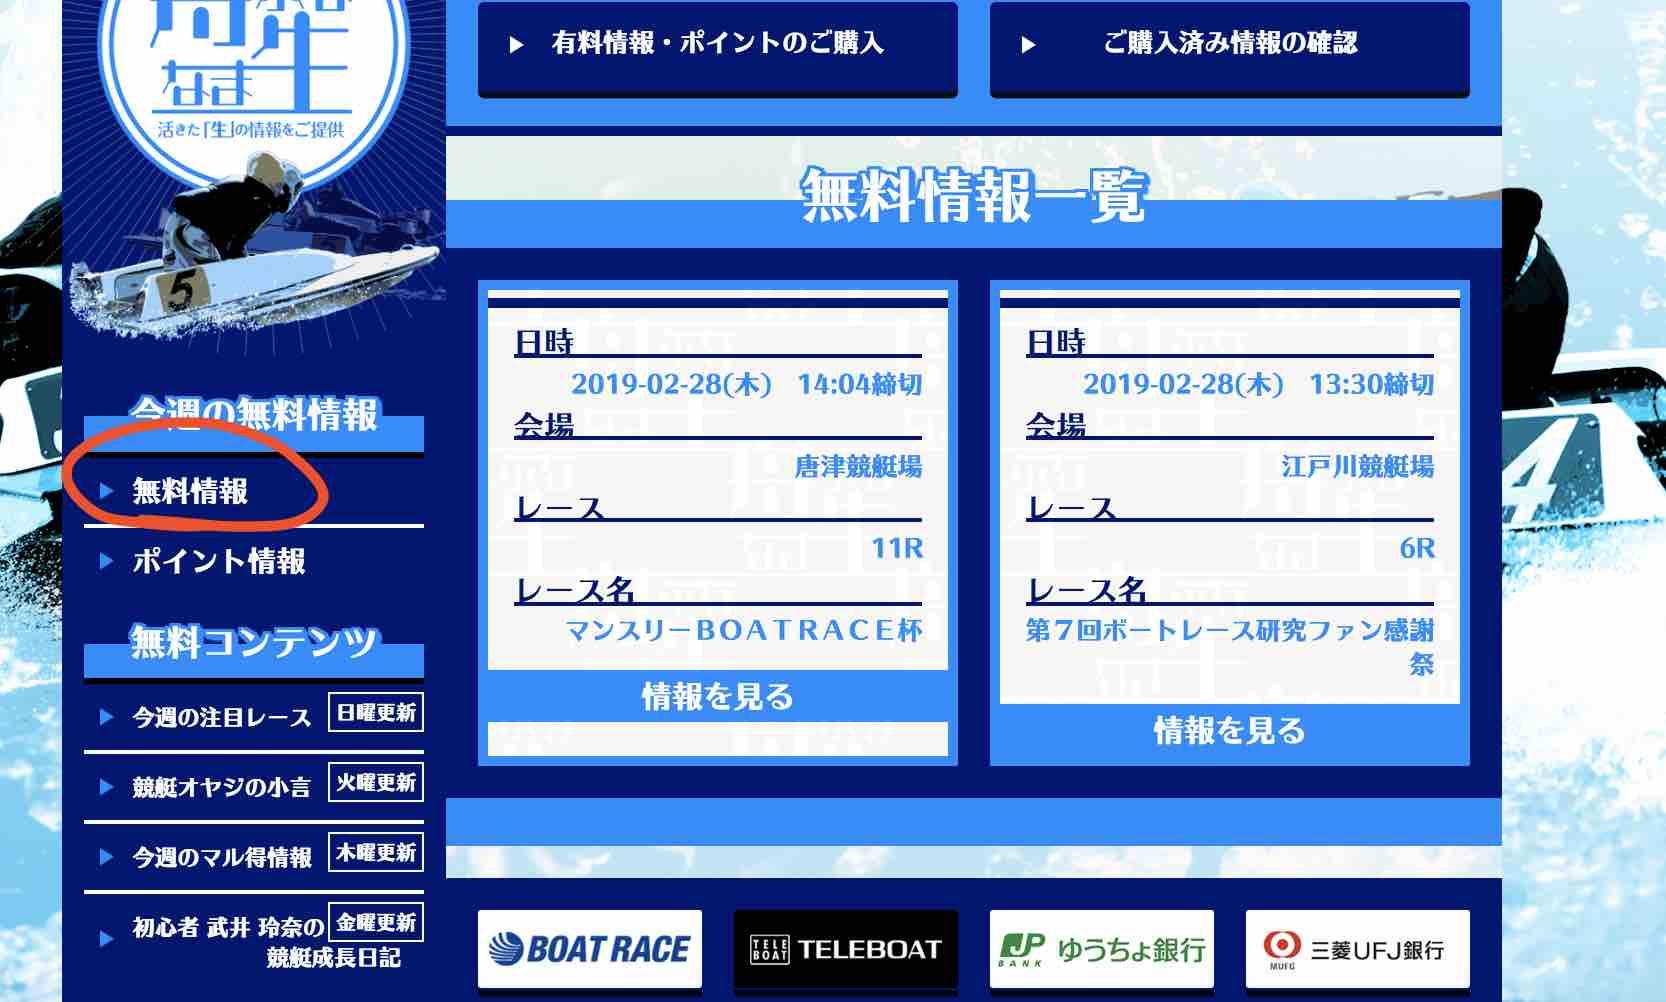 舟生という競艇予想サイト(ボートレース予想サイト)の無料予想(無料情報)を確認する